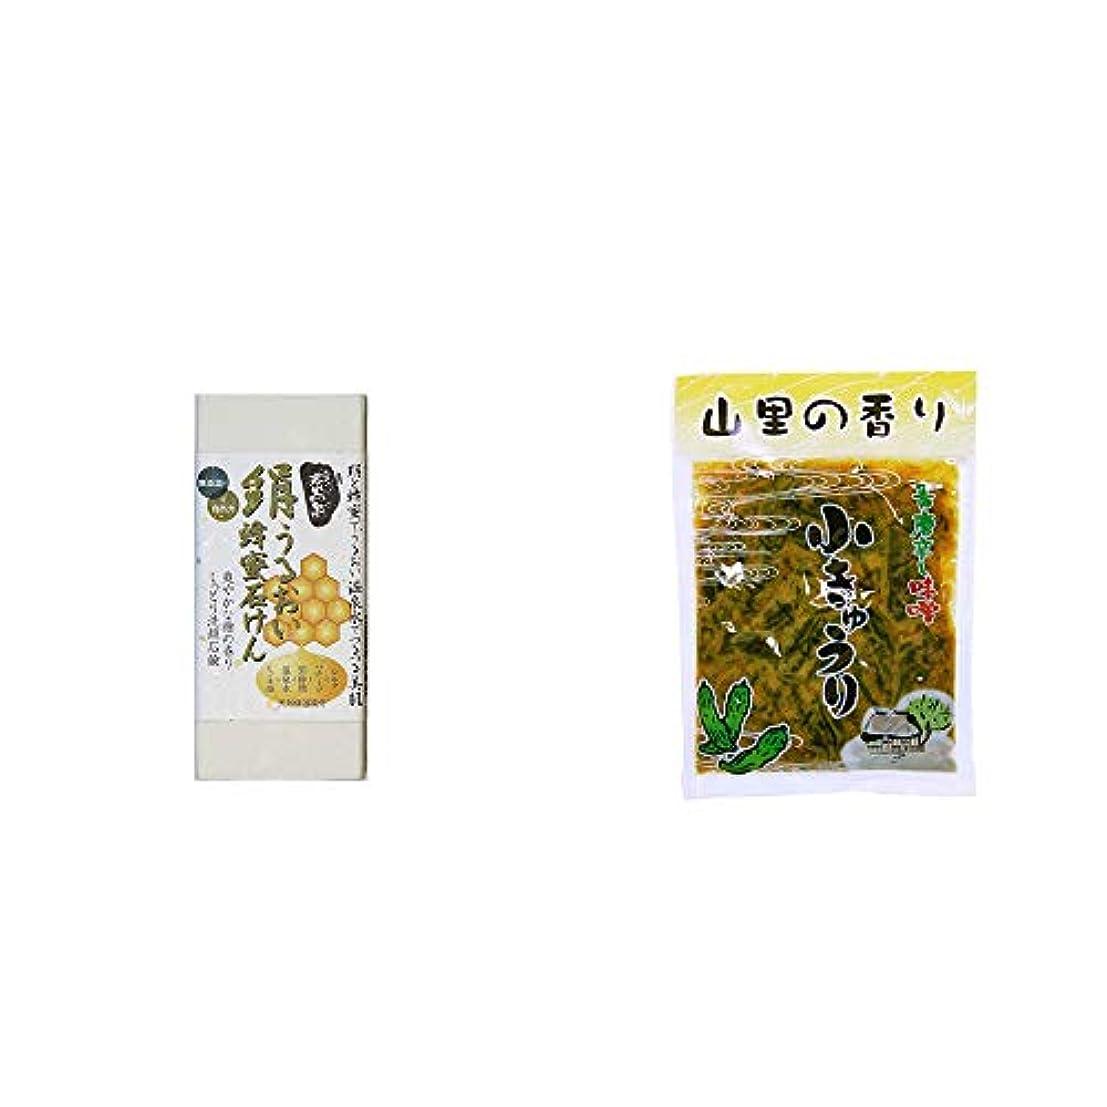 毒液トラフ絵[2点セット] ひのき炭黒泉 絹うるおい蜂蜜石けん(75g×2)?山里の香り 青唐辛し味噌 小きゅうり(250g)